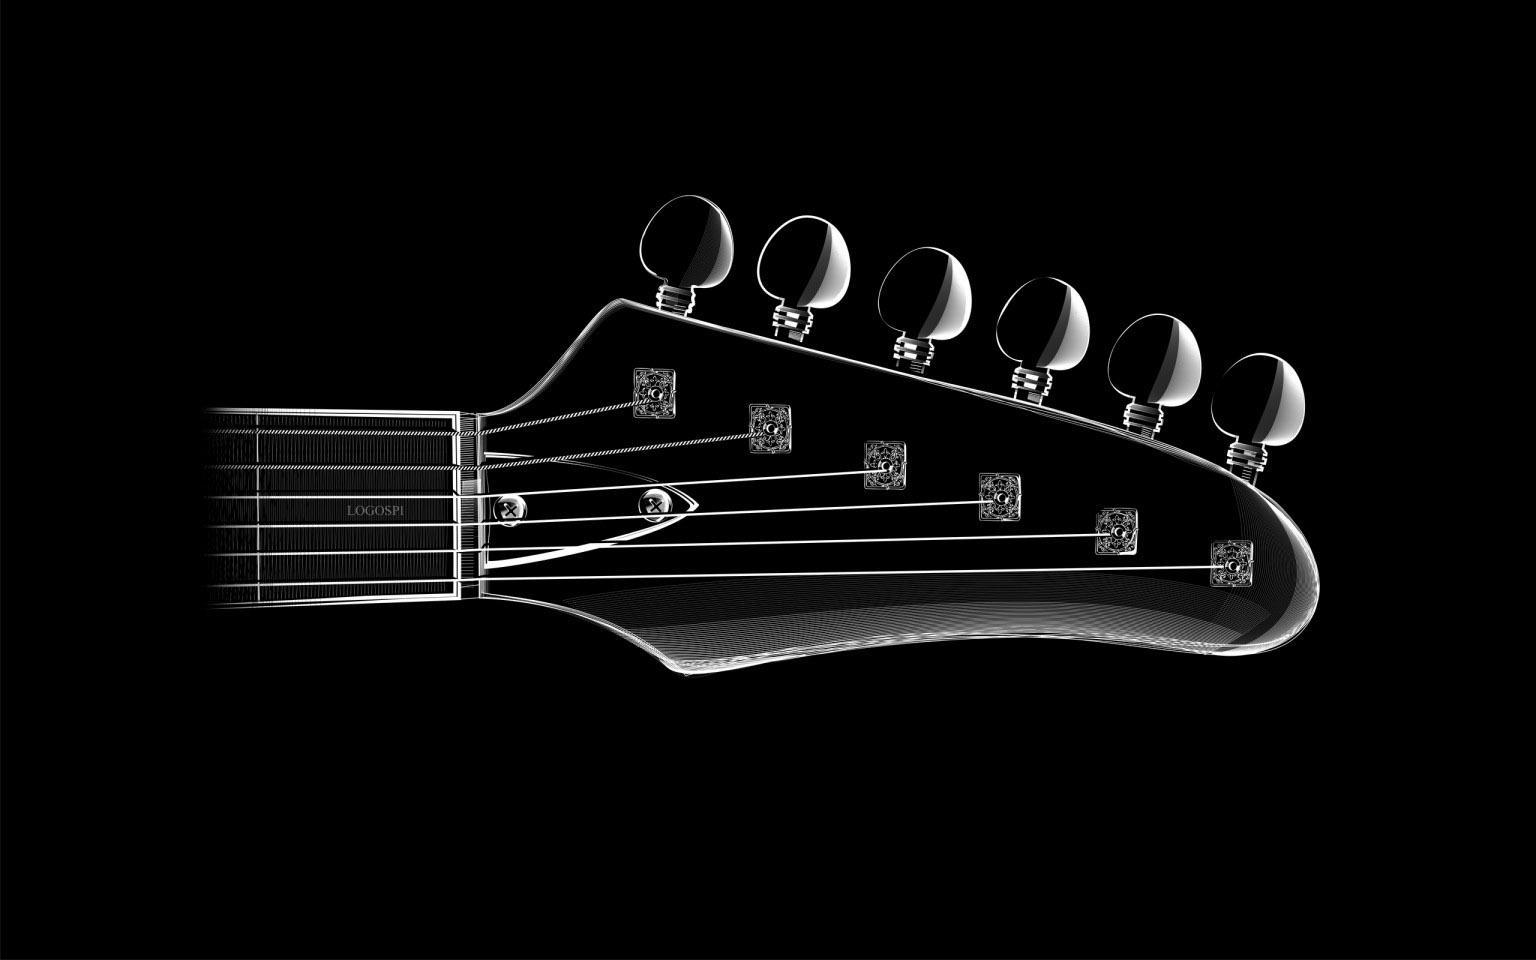 Tuyển tập những hình ảnh đàn guitar đẹp nhất